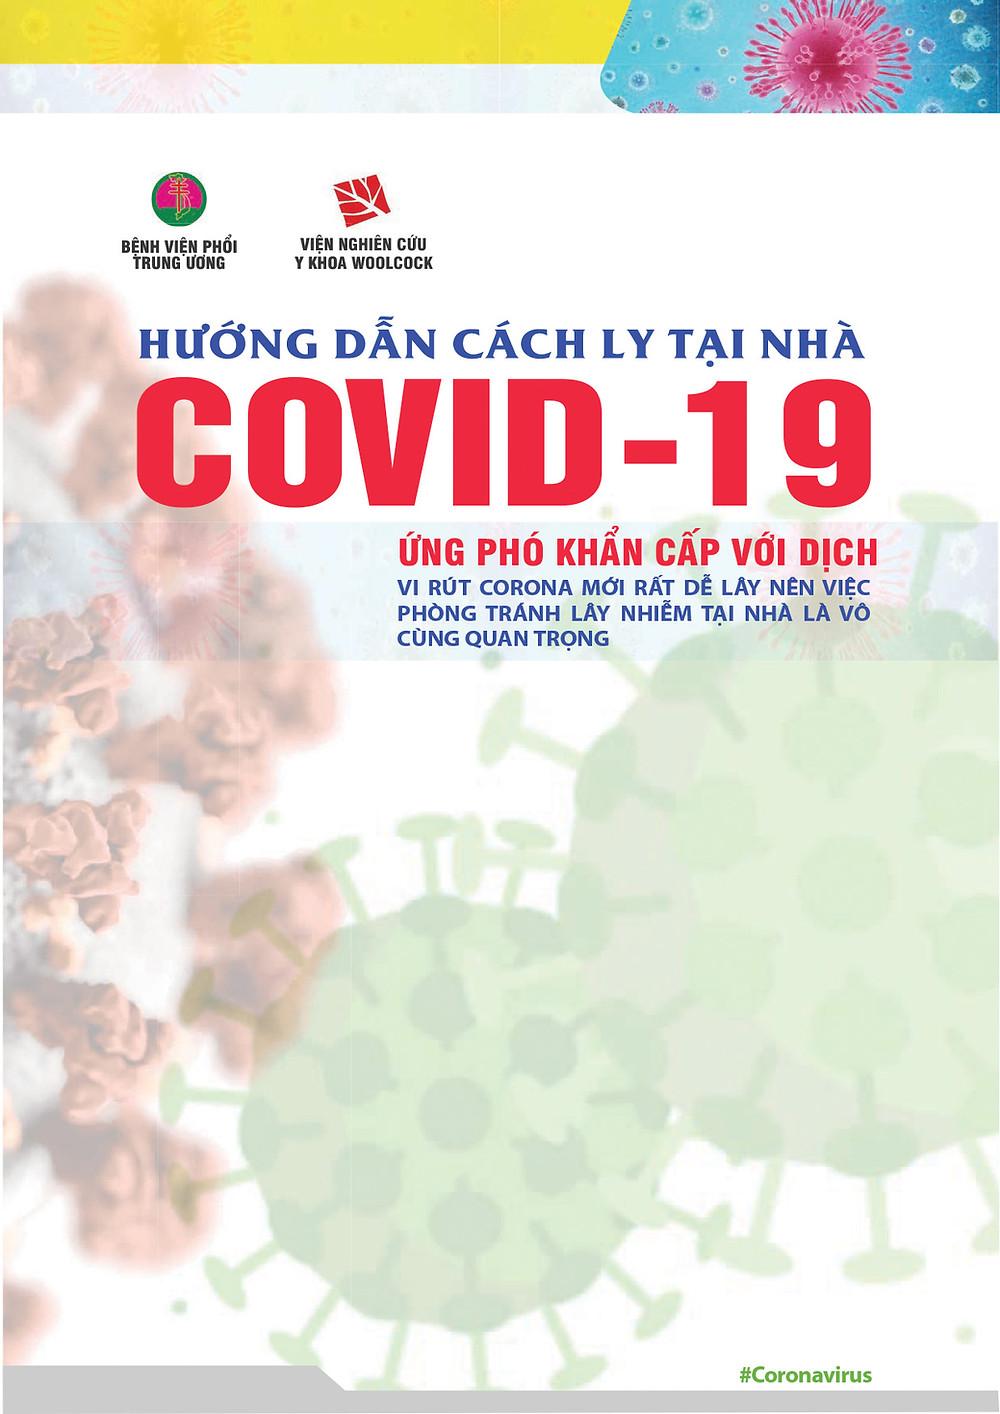 File In A0 A4 Hướng Dẫn Cách Ly Tại Nhà VIRUS CORONA COVID-19